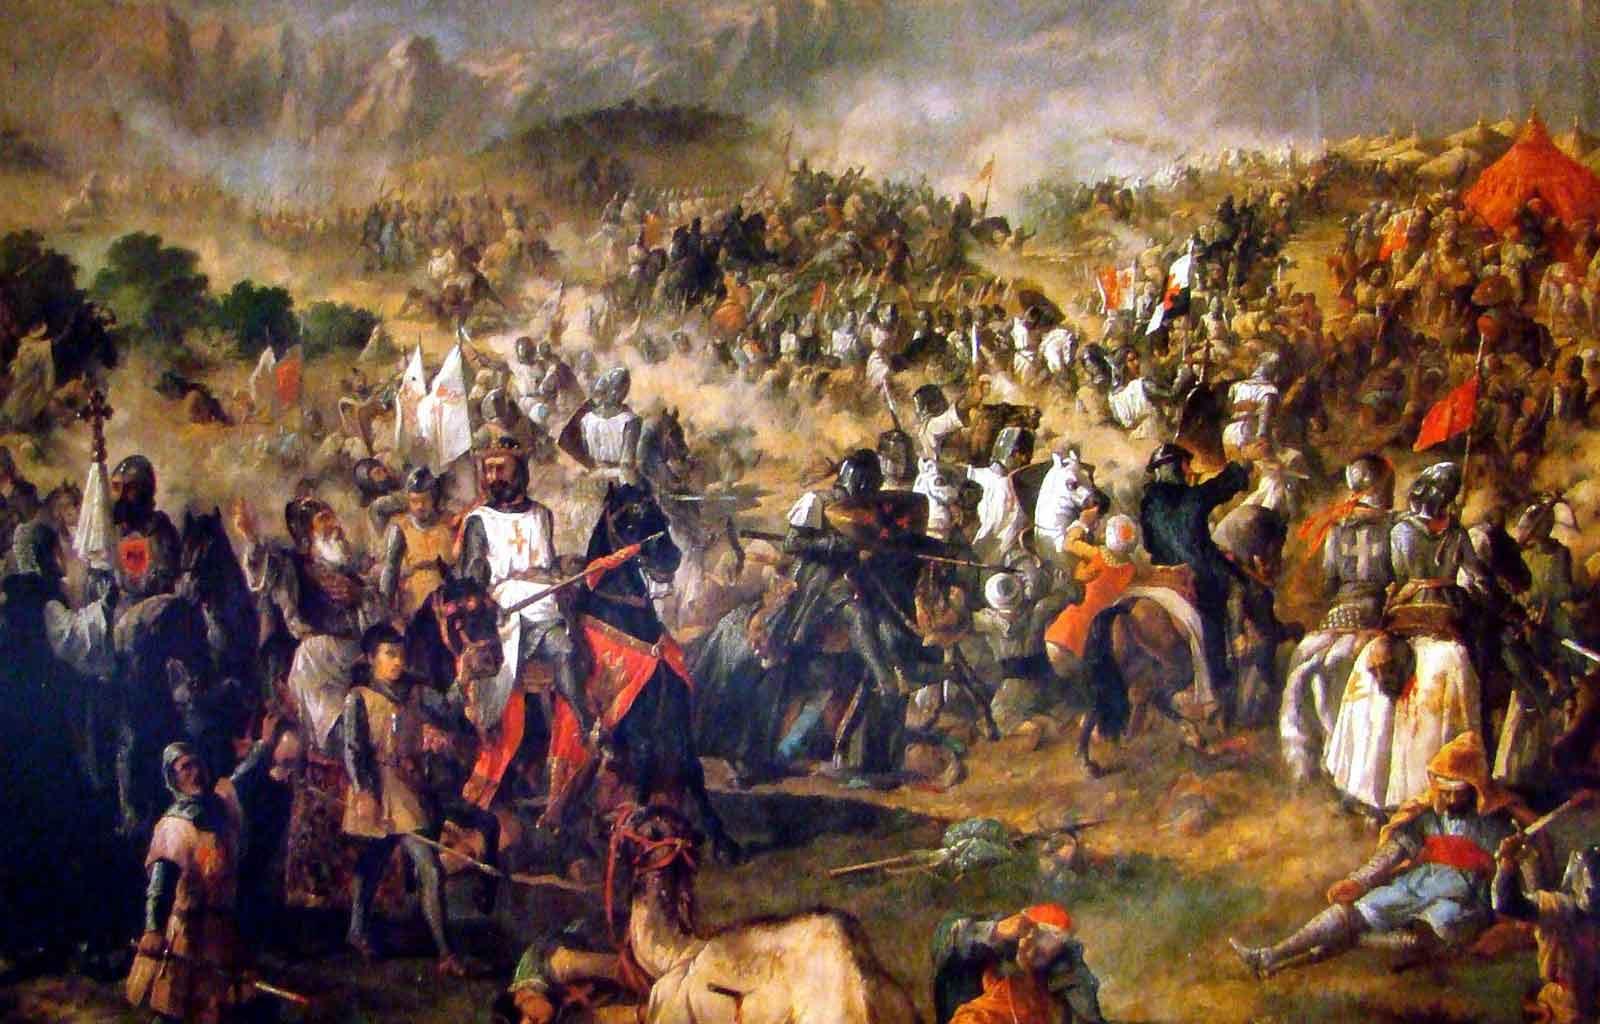 Tragisnya Sejarah April Mop, Ketika Tentara Salib Membantai Muslim Granada